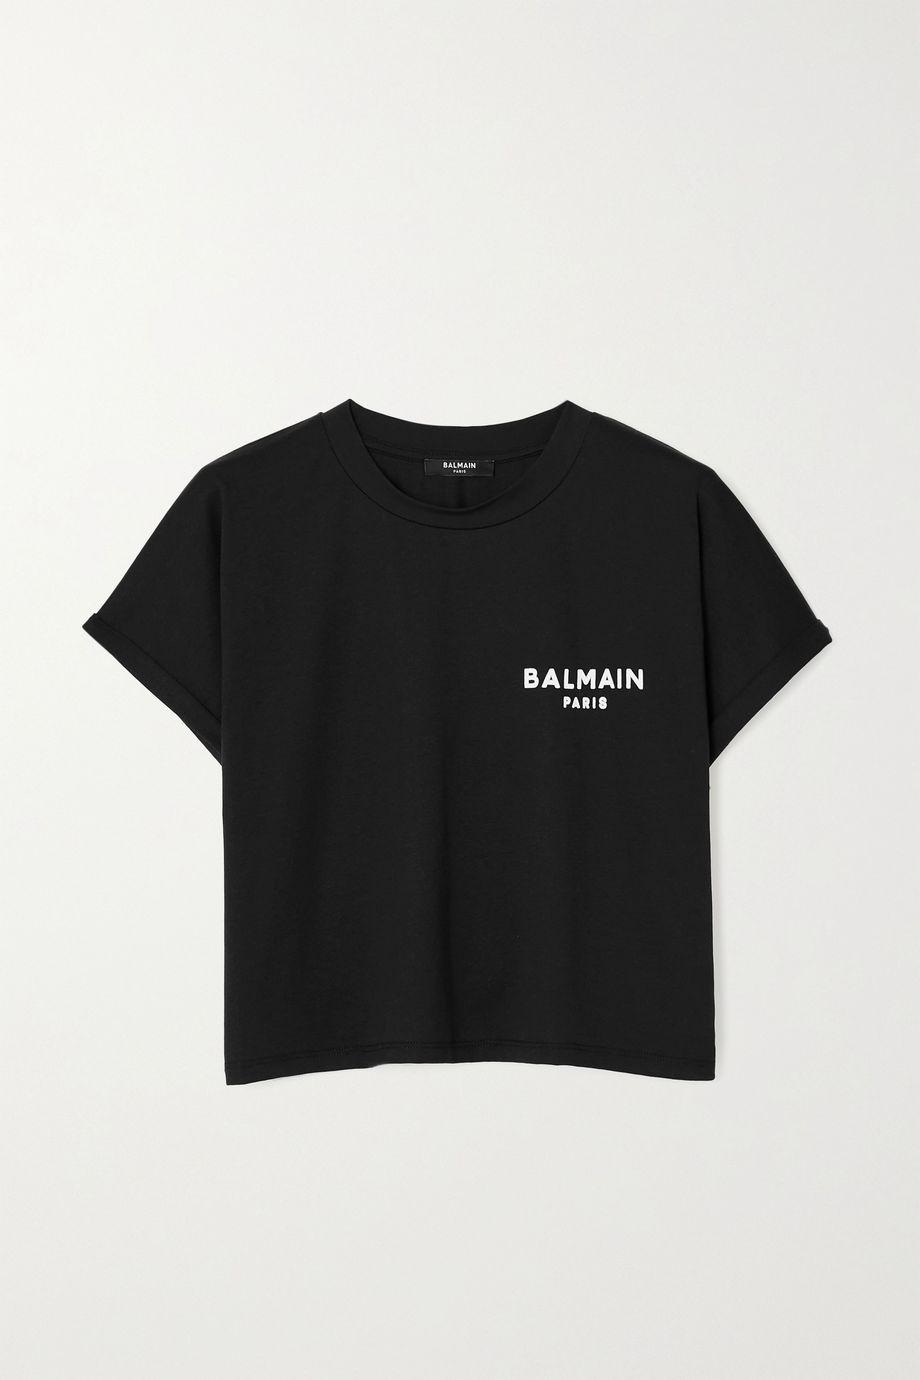 Balmain Verkürztes T-Shirt aus Baumwoll-Jersey mit Flockdruck